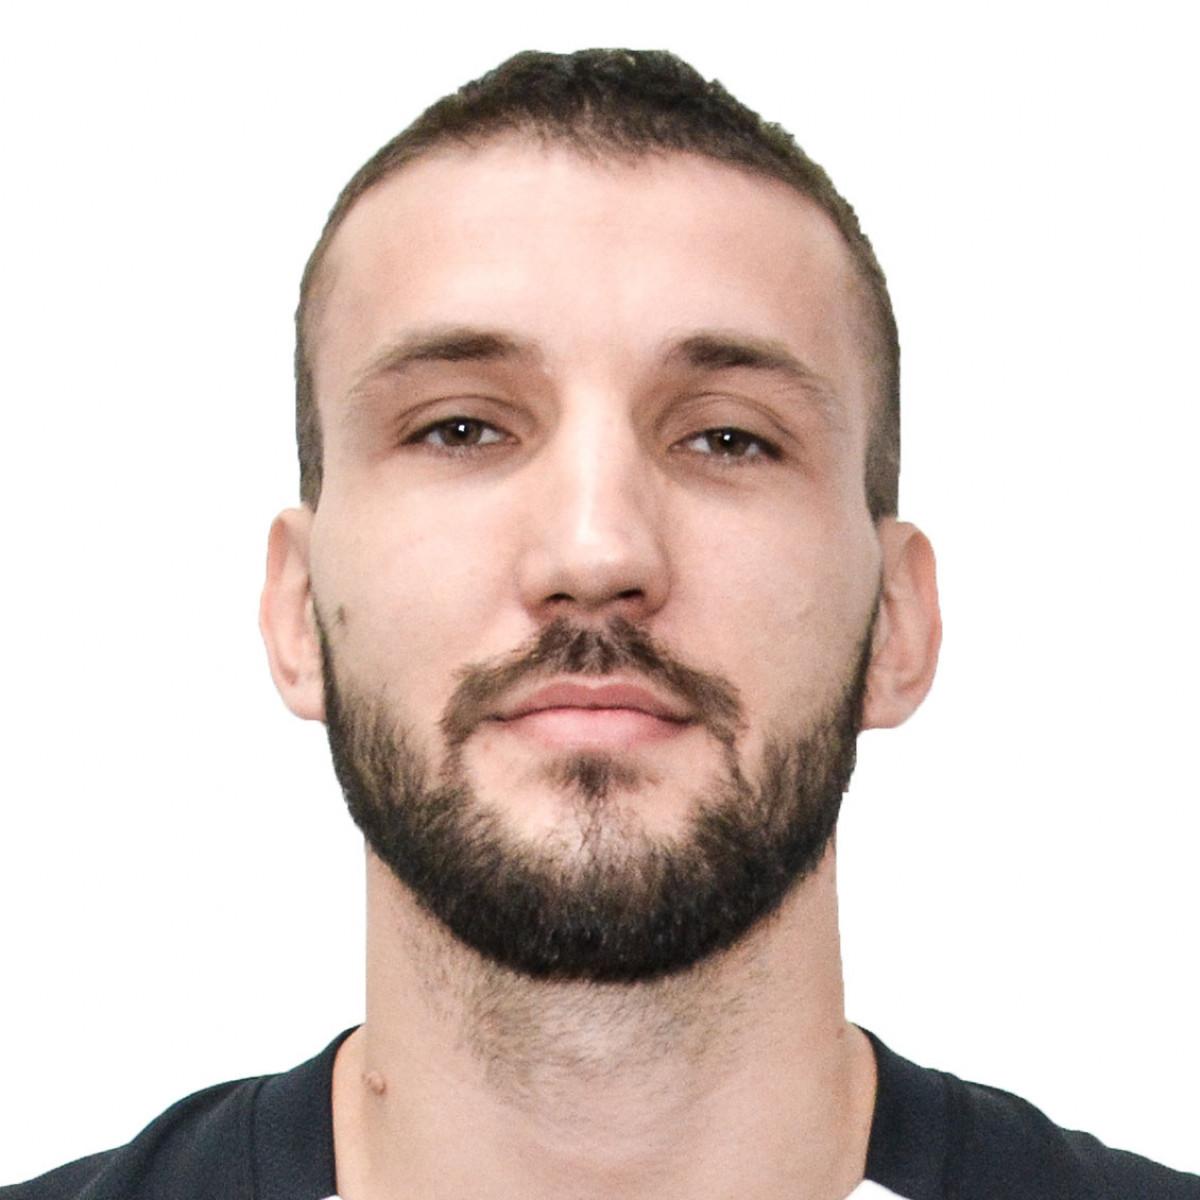 Stefan Bircevic